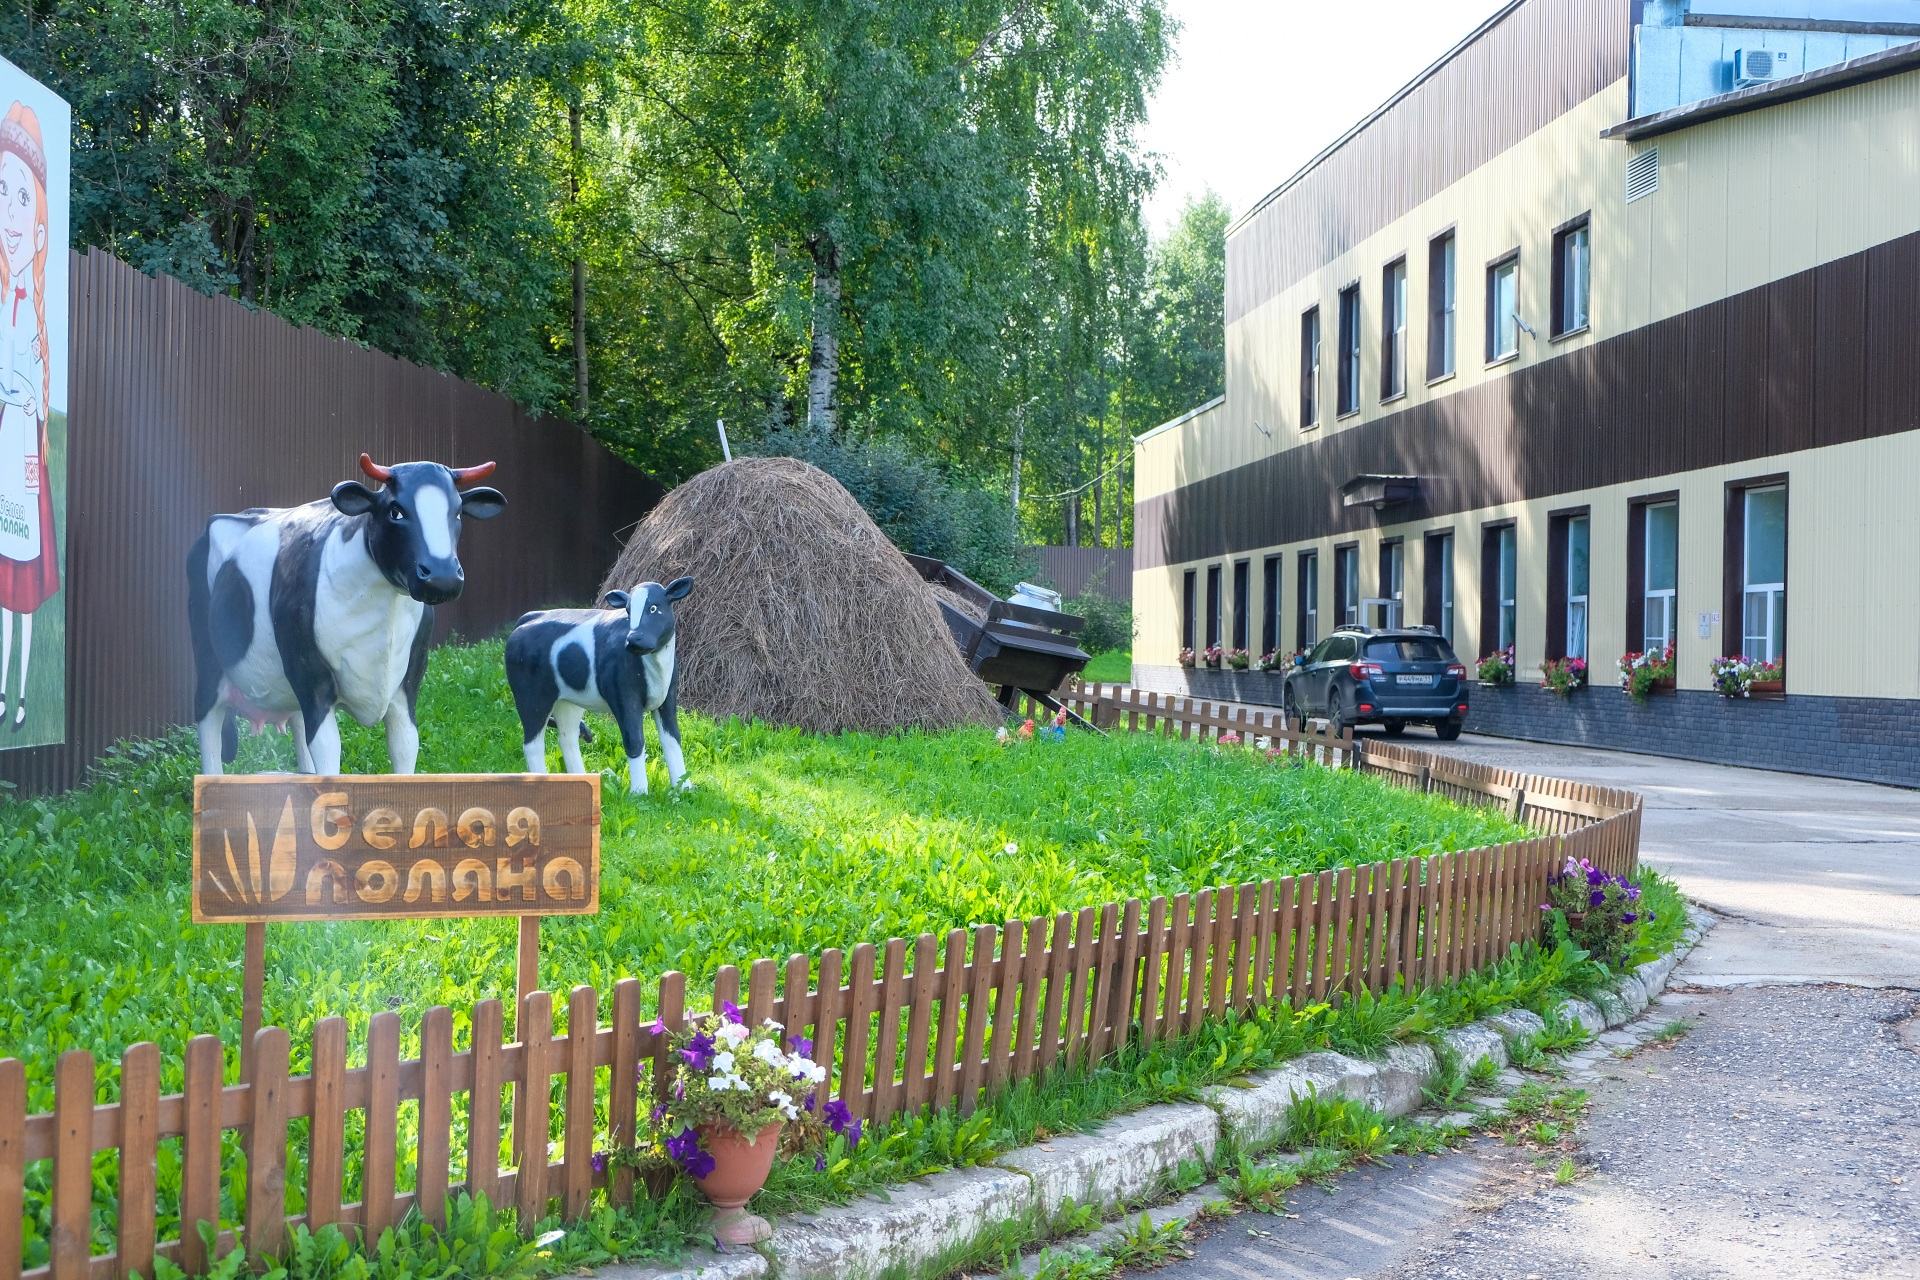 https://komiinform.ru/content/news/images/217798/DSCF4099.JPG